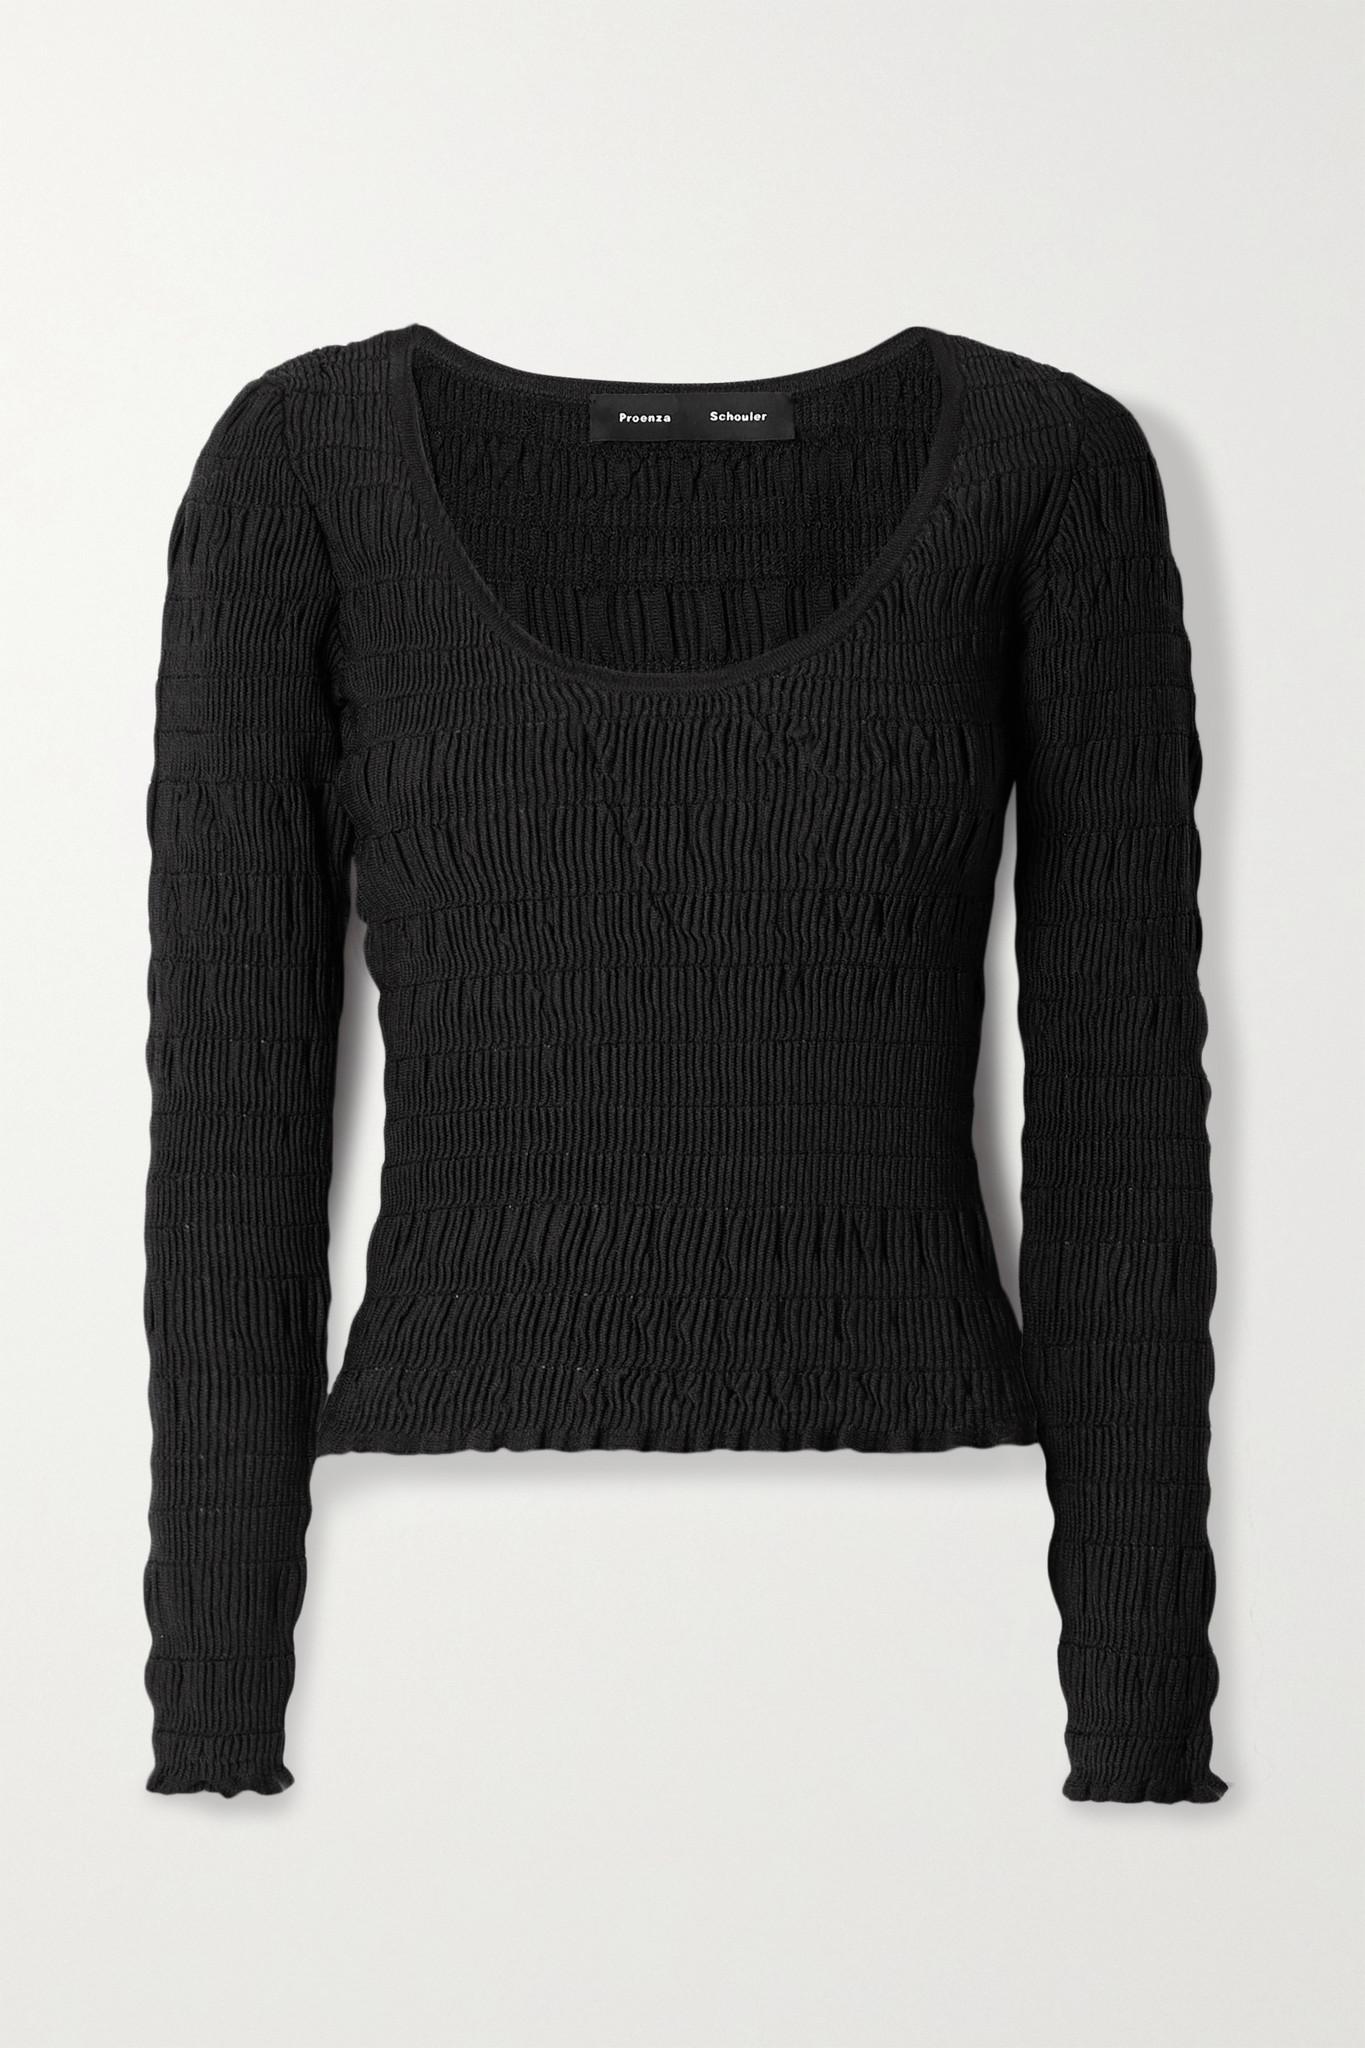 PROENZA SCHOULER - 平行绉缝弹力针织上衣 - 黑色 - small